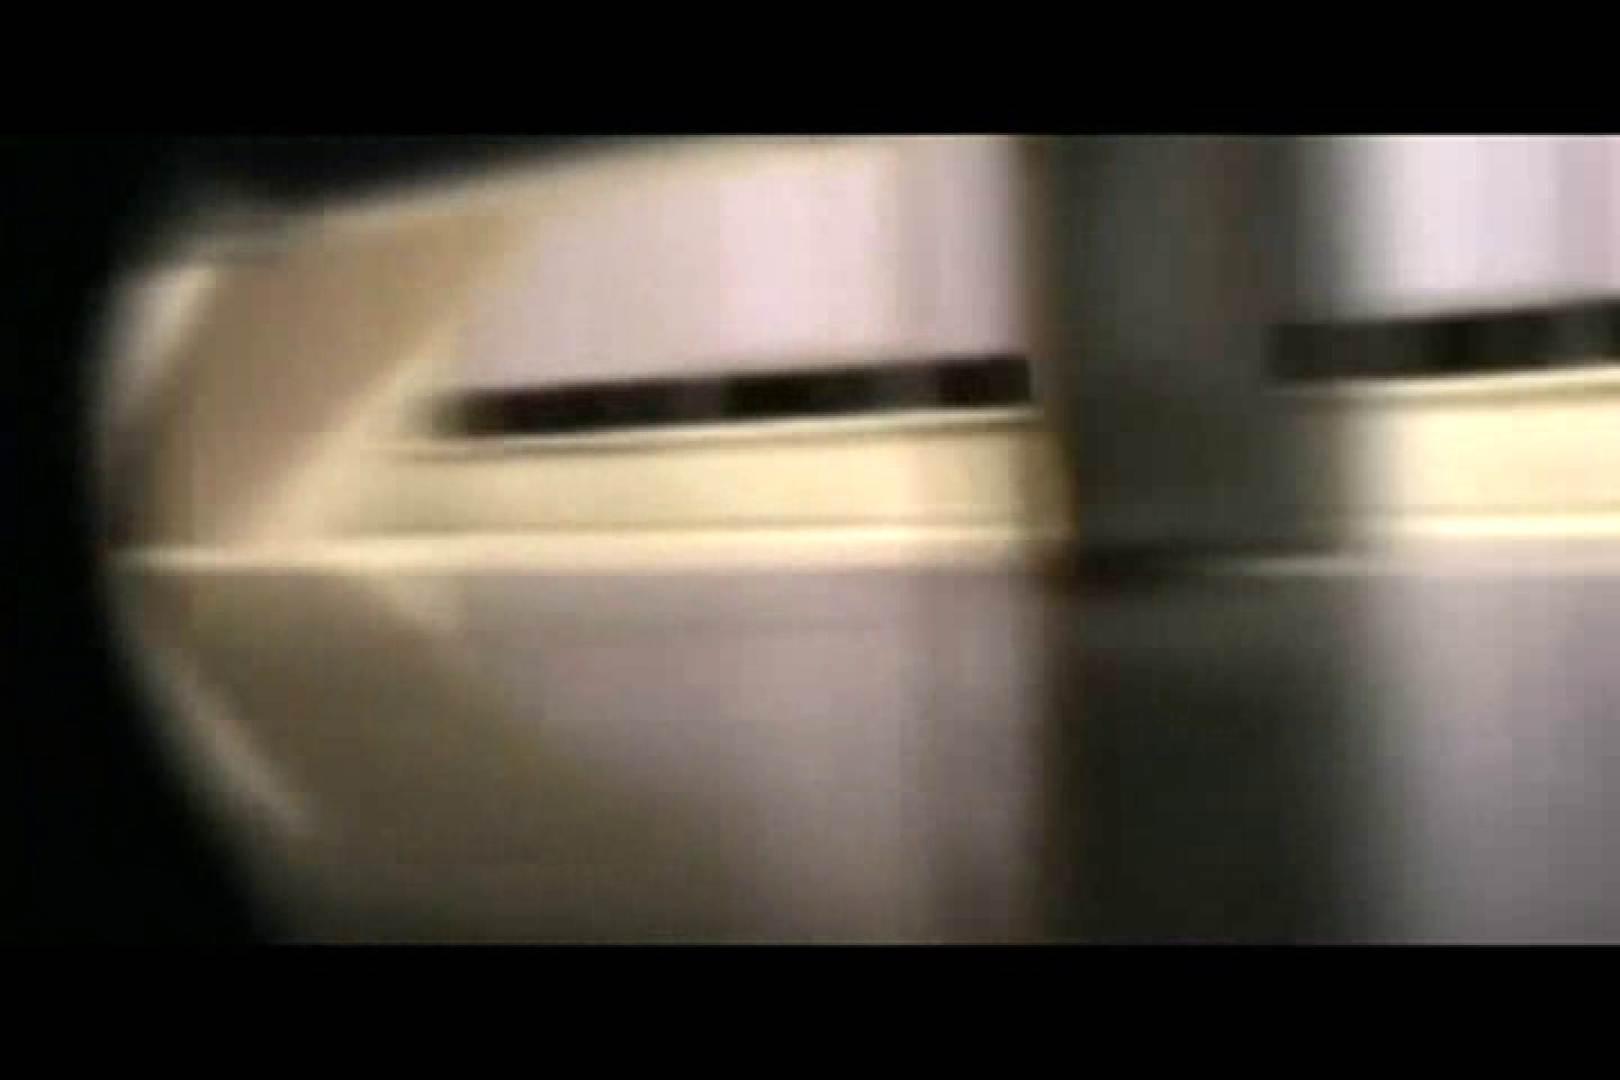 ぼっとん洗面所スペシャルVol.17 おまんこ娘 われめAV動画紹介 23連発 17